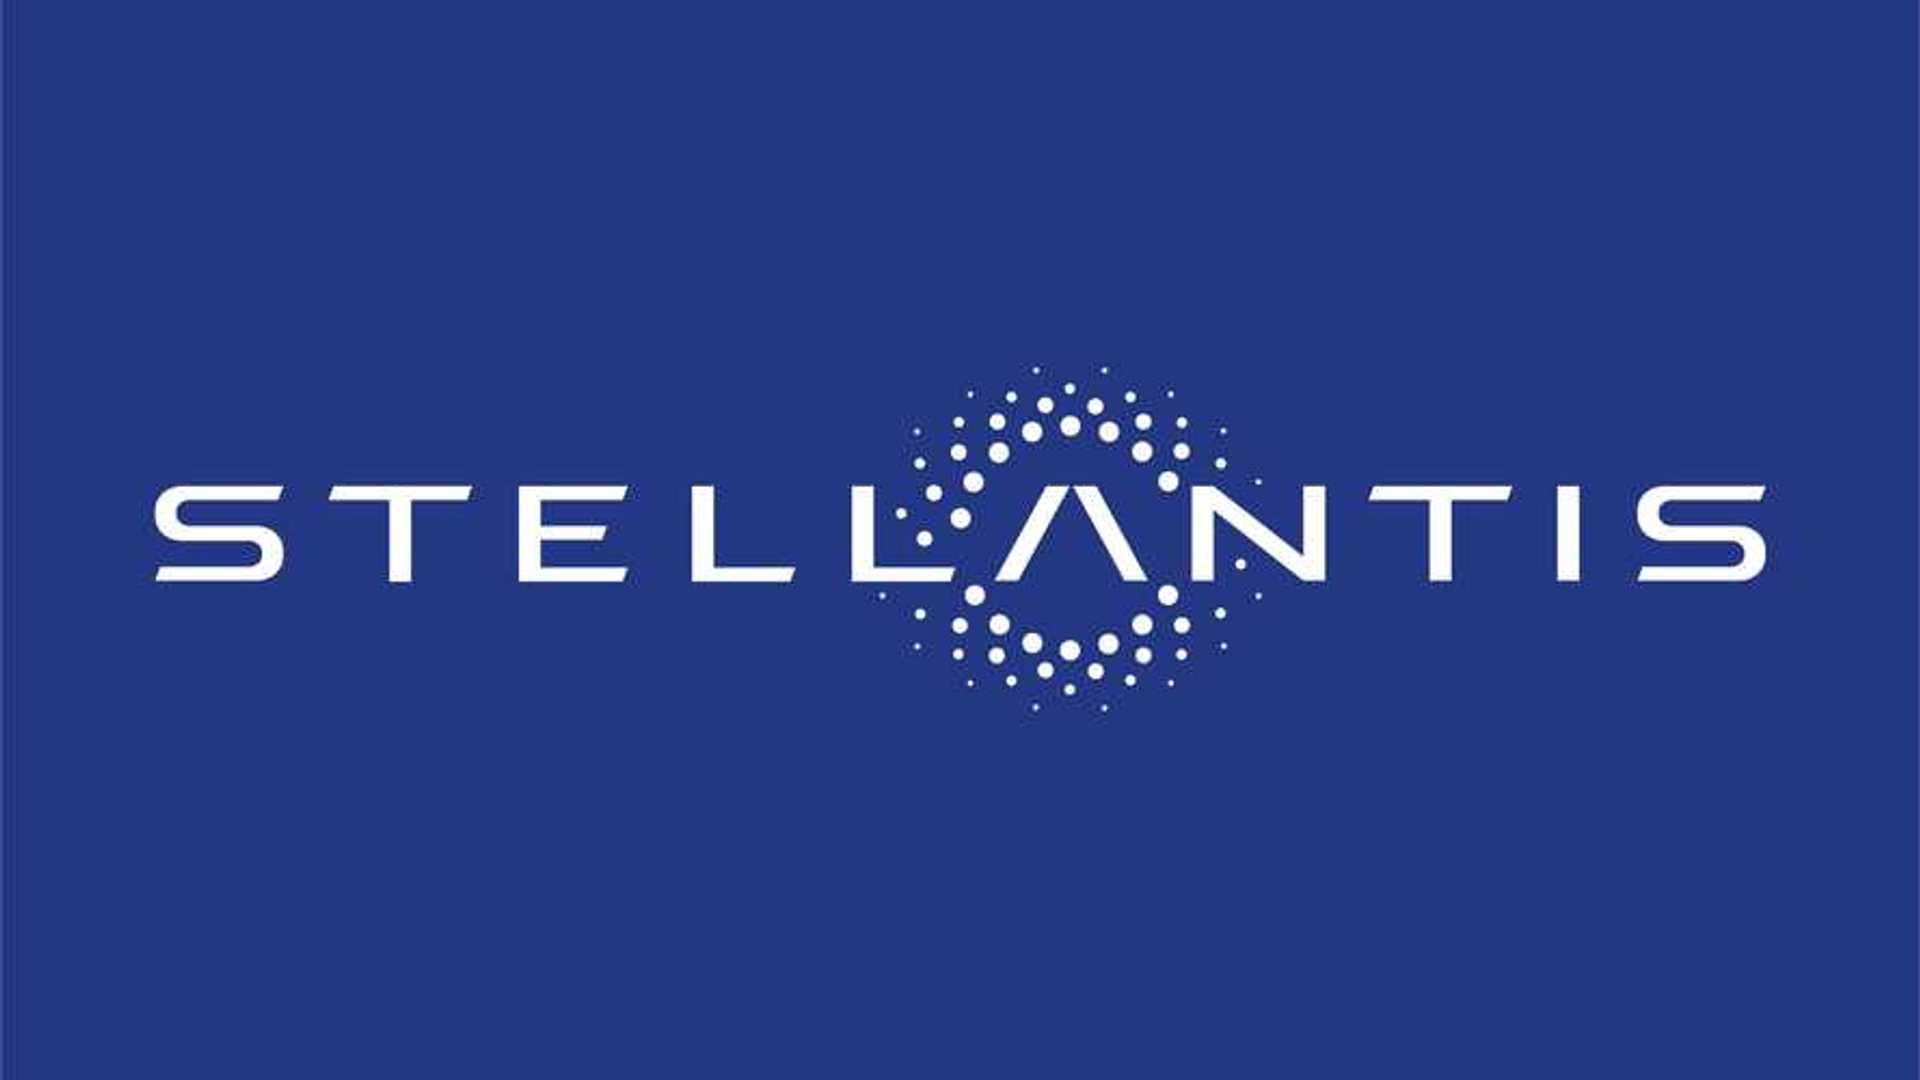 Официально завершено слияние FCA и PSA: Здравствуйте, Stellantis!